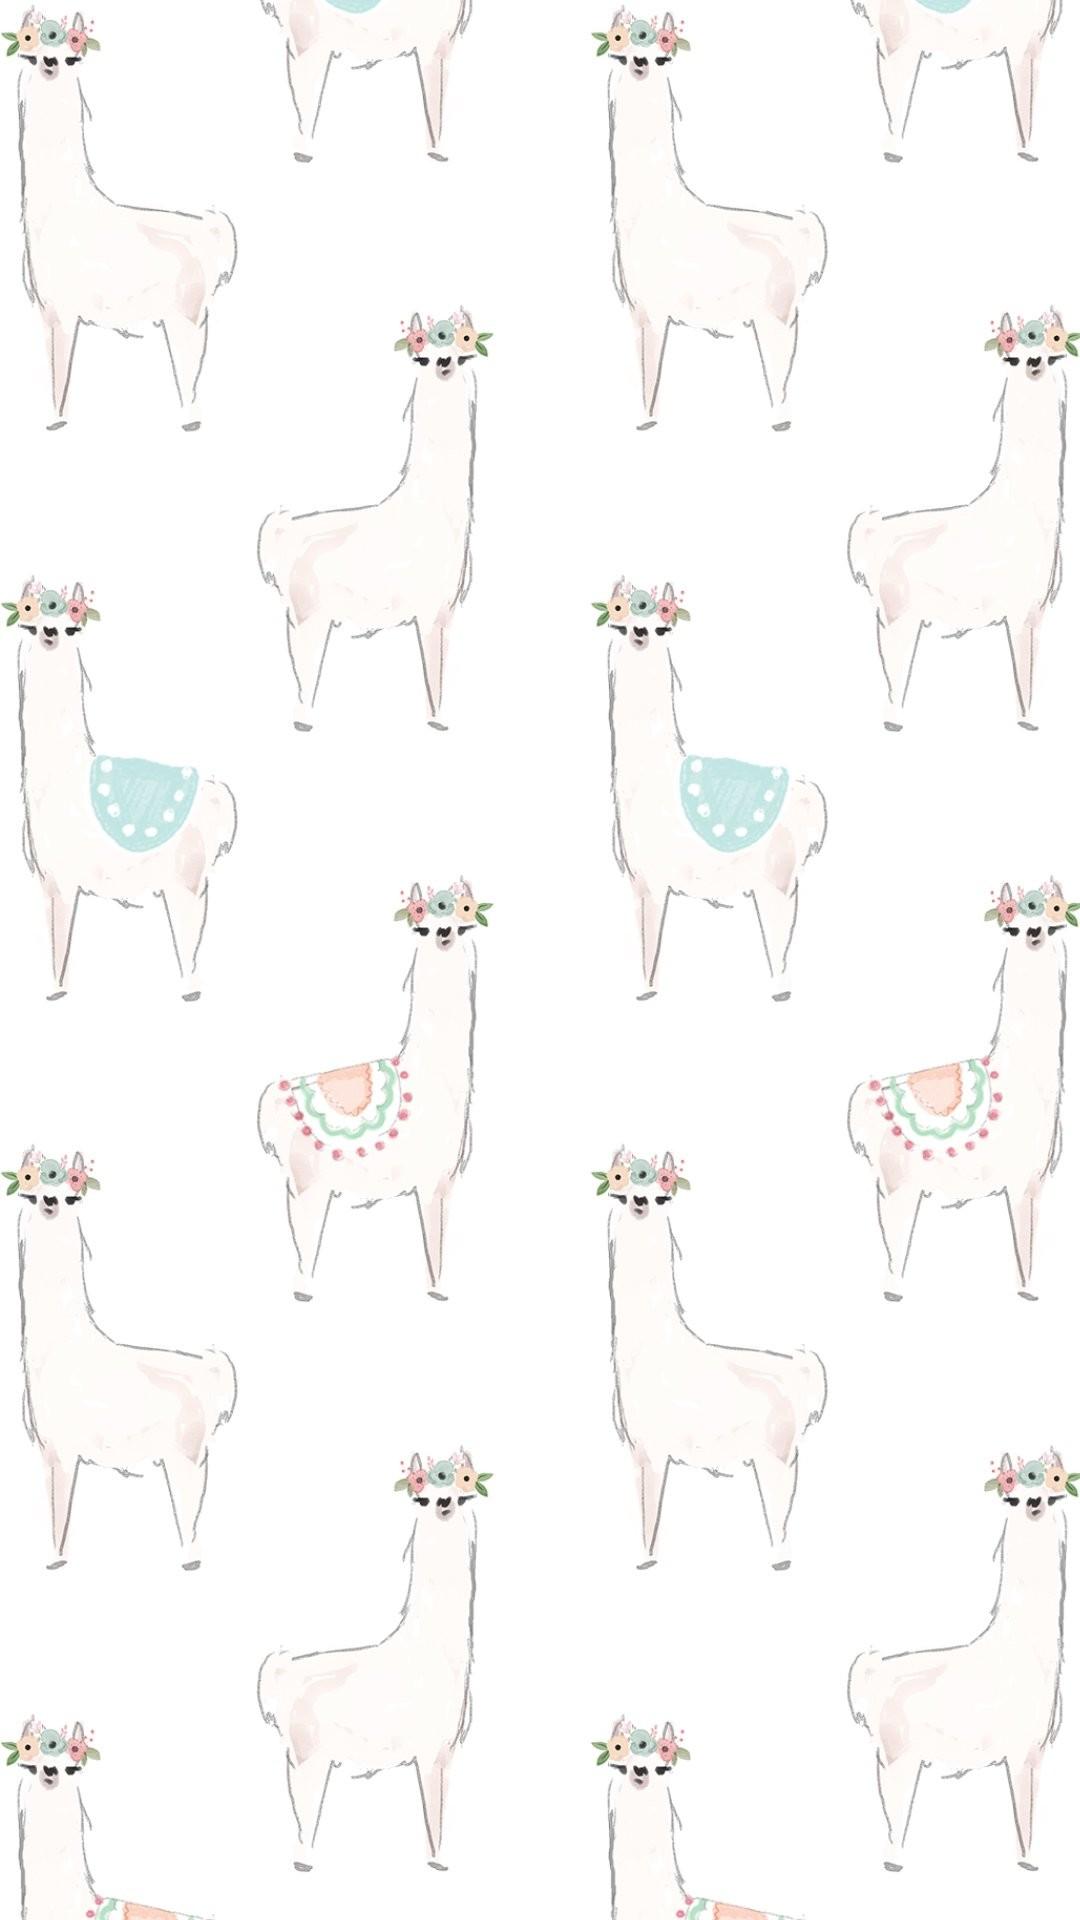 Llama Background 41 Images